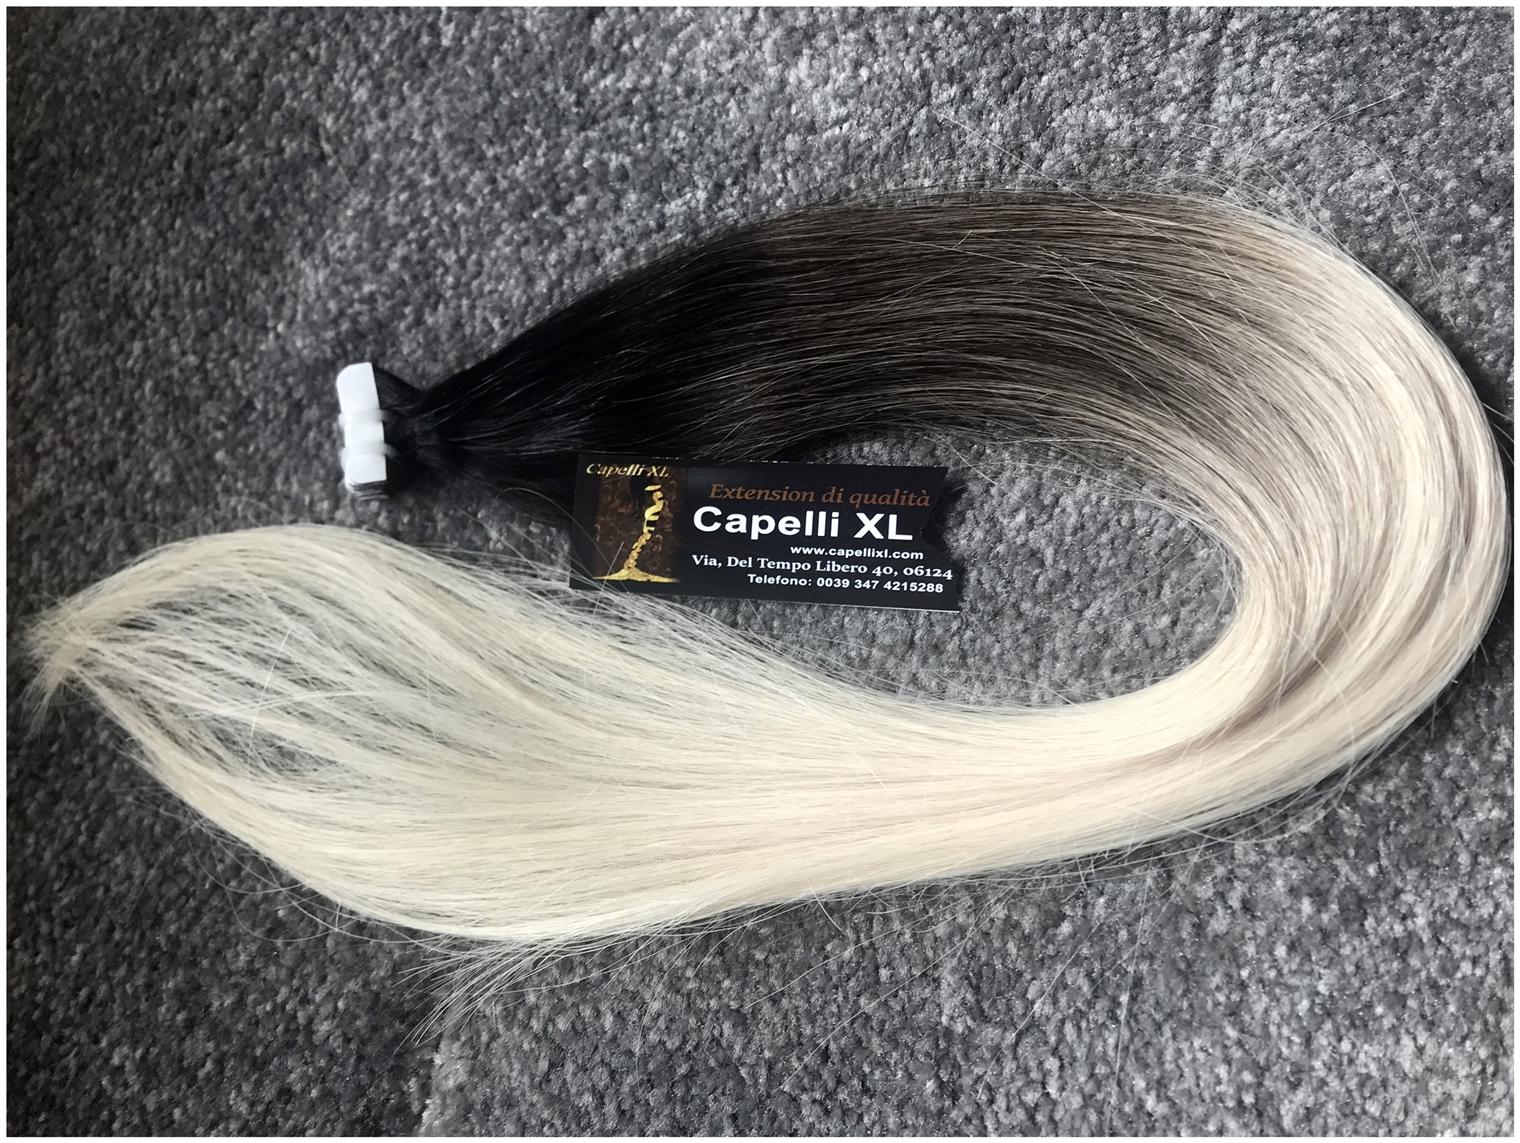 Extension Tape biadesivo capelli veri Biondi Balayage con base scura punte biondo platino